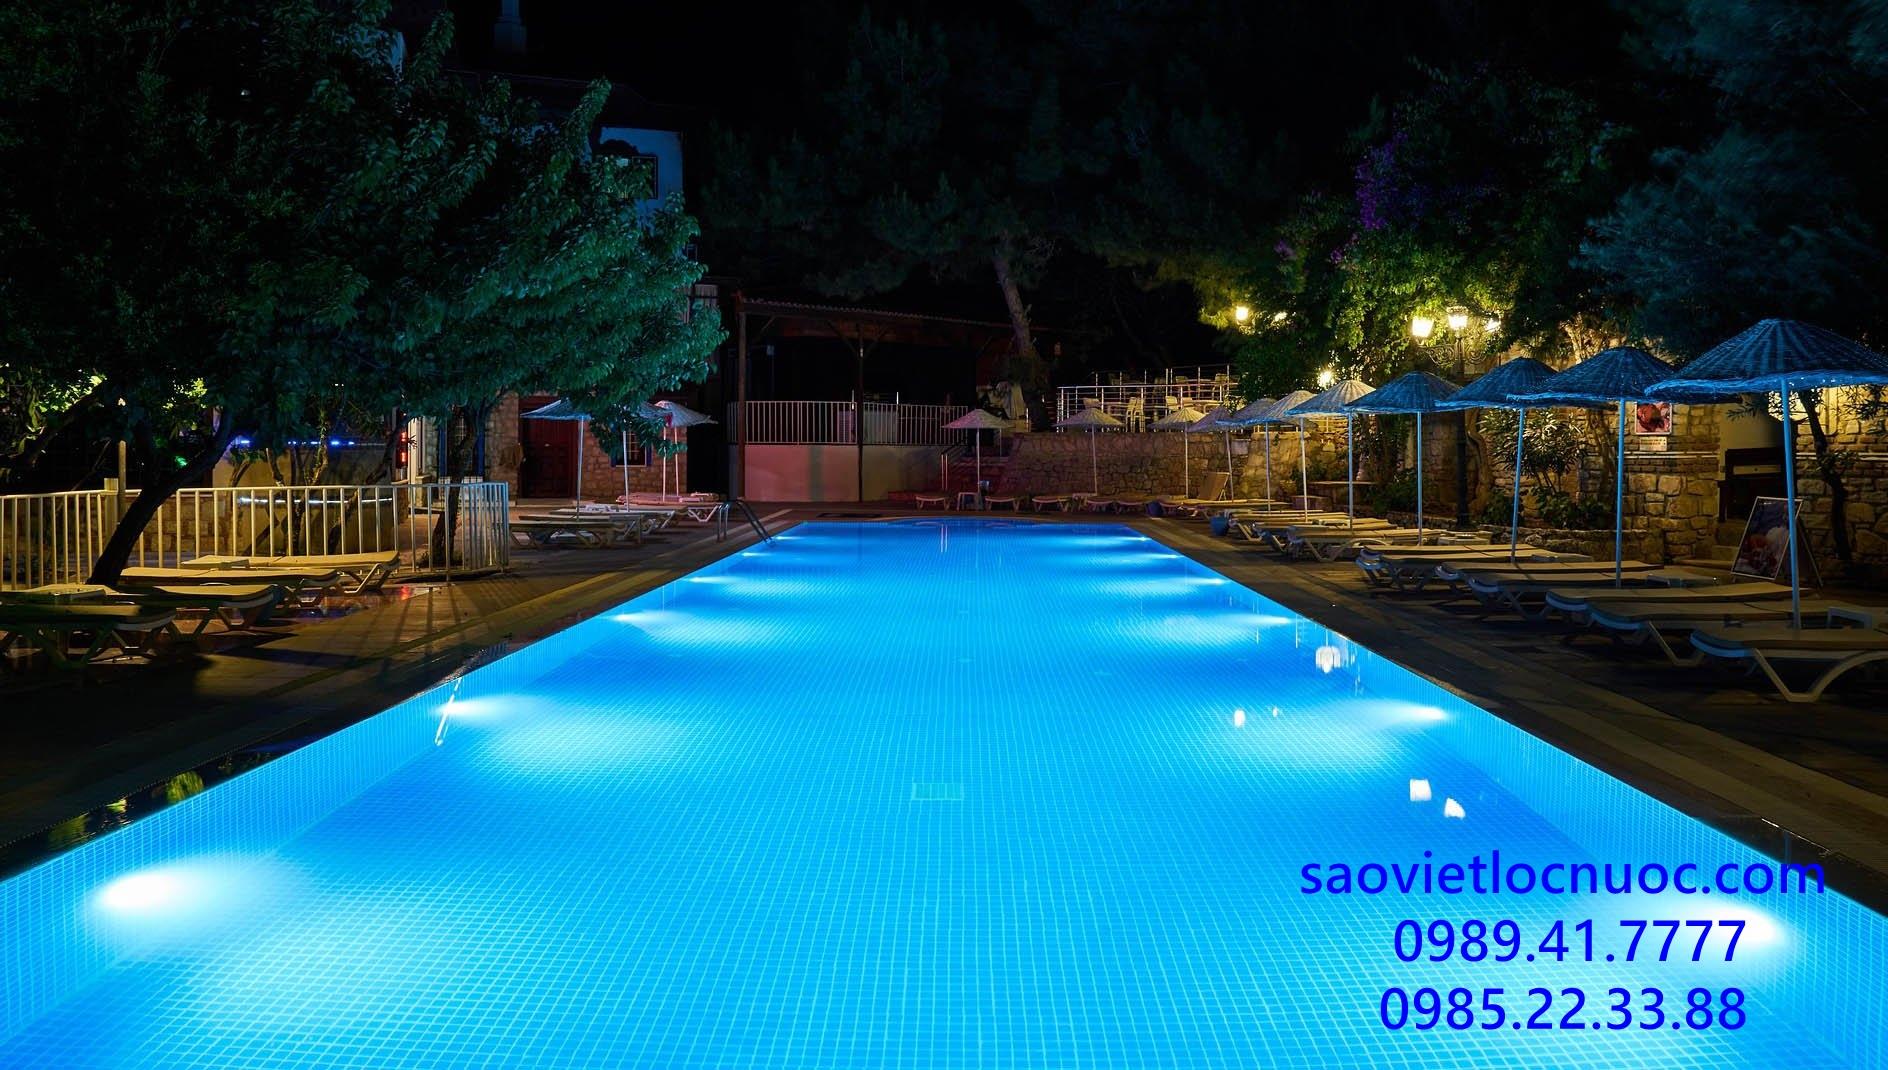 Hồ bơi cần bao nhiêu đèn bể bơi - Cách tính số lượng đèn bể bơi